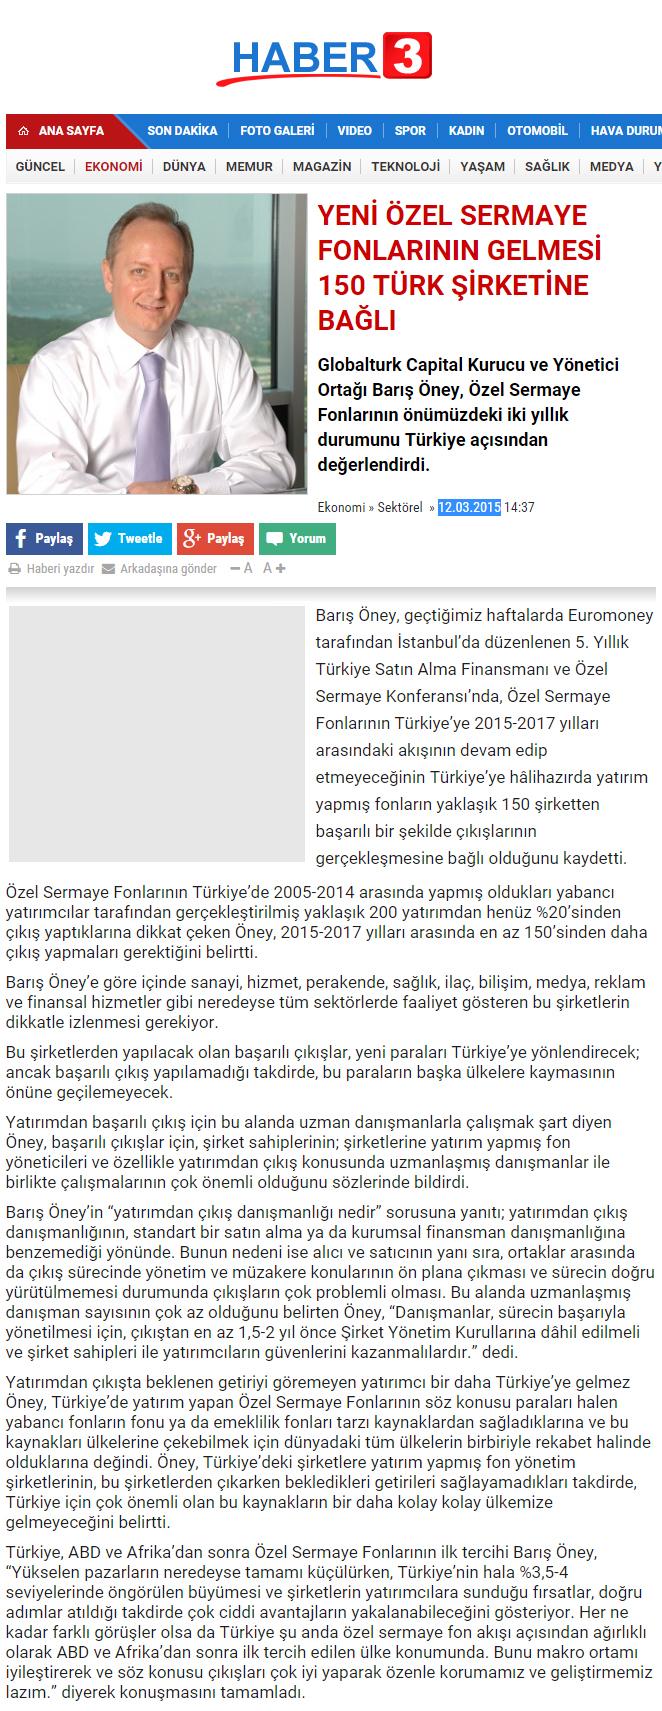 Yeni Özel Sermaye Fonlarının Gelmesi 150 Türk Şirketine Bağlı | Haber3.com